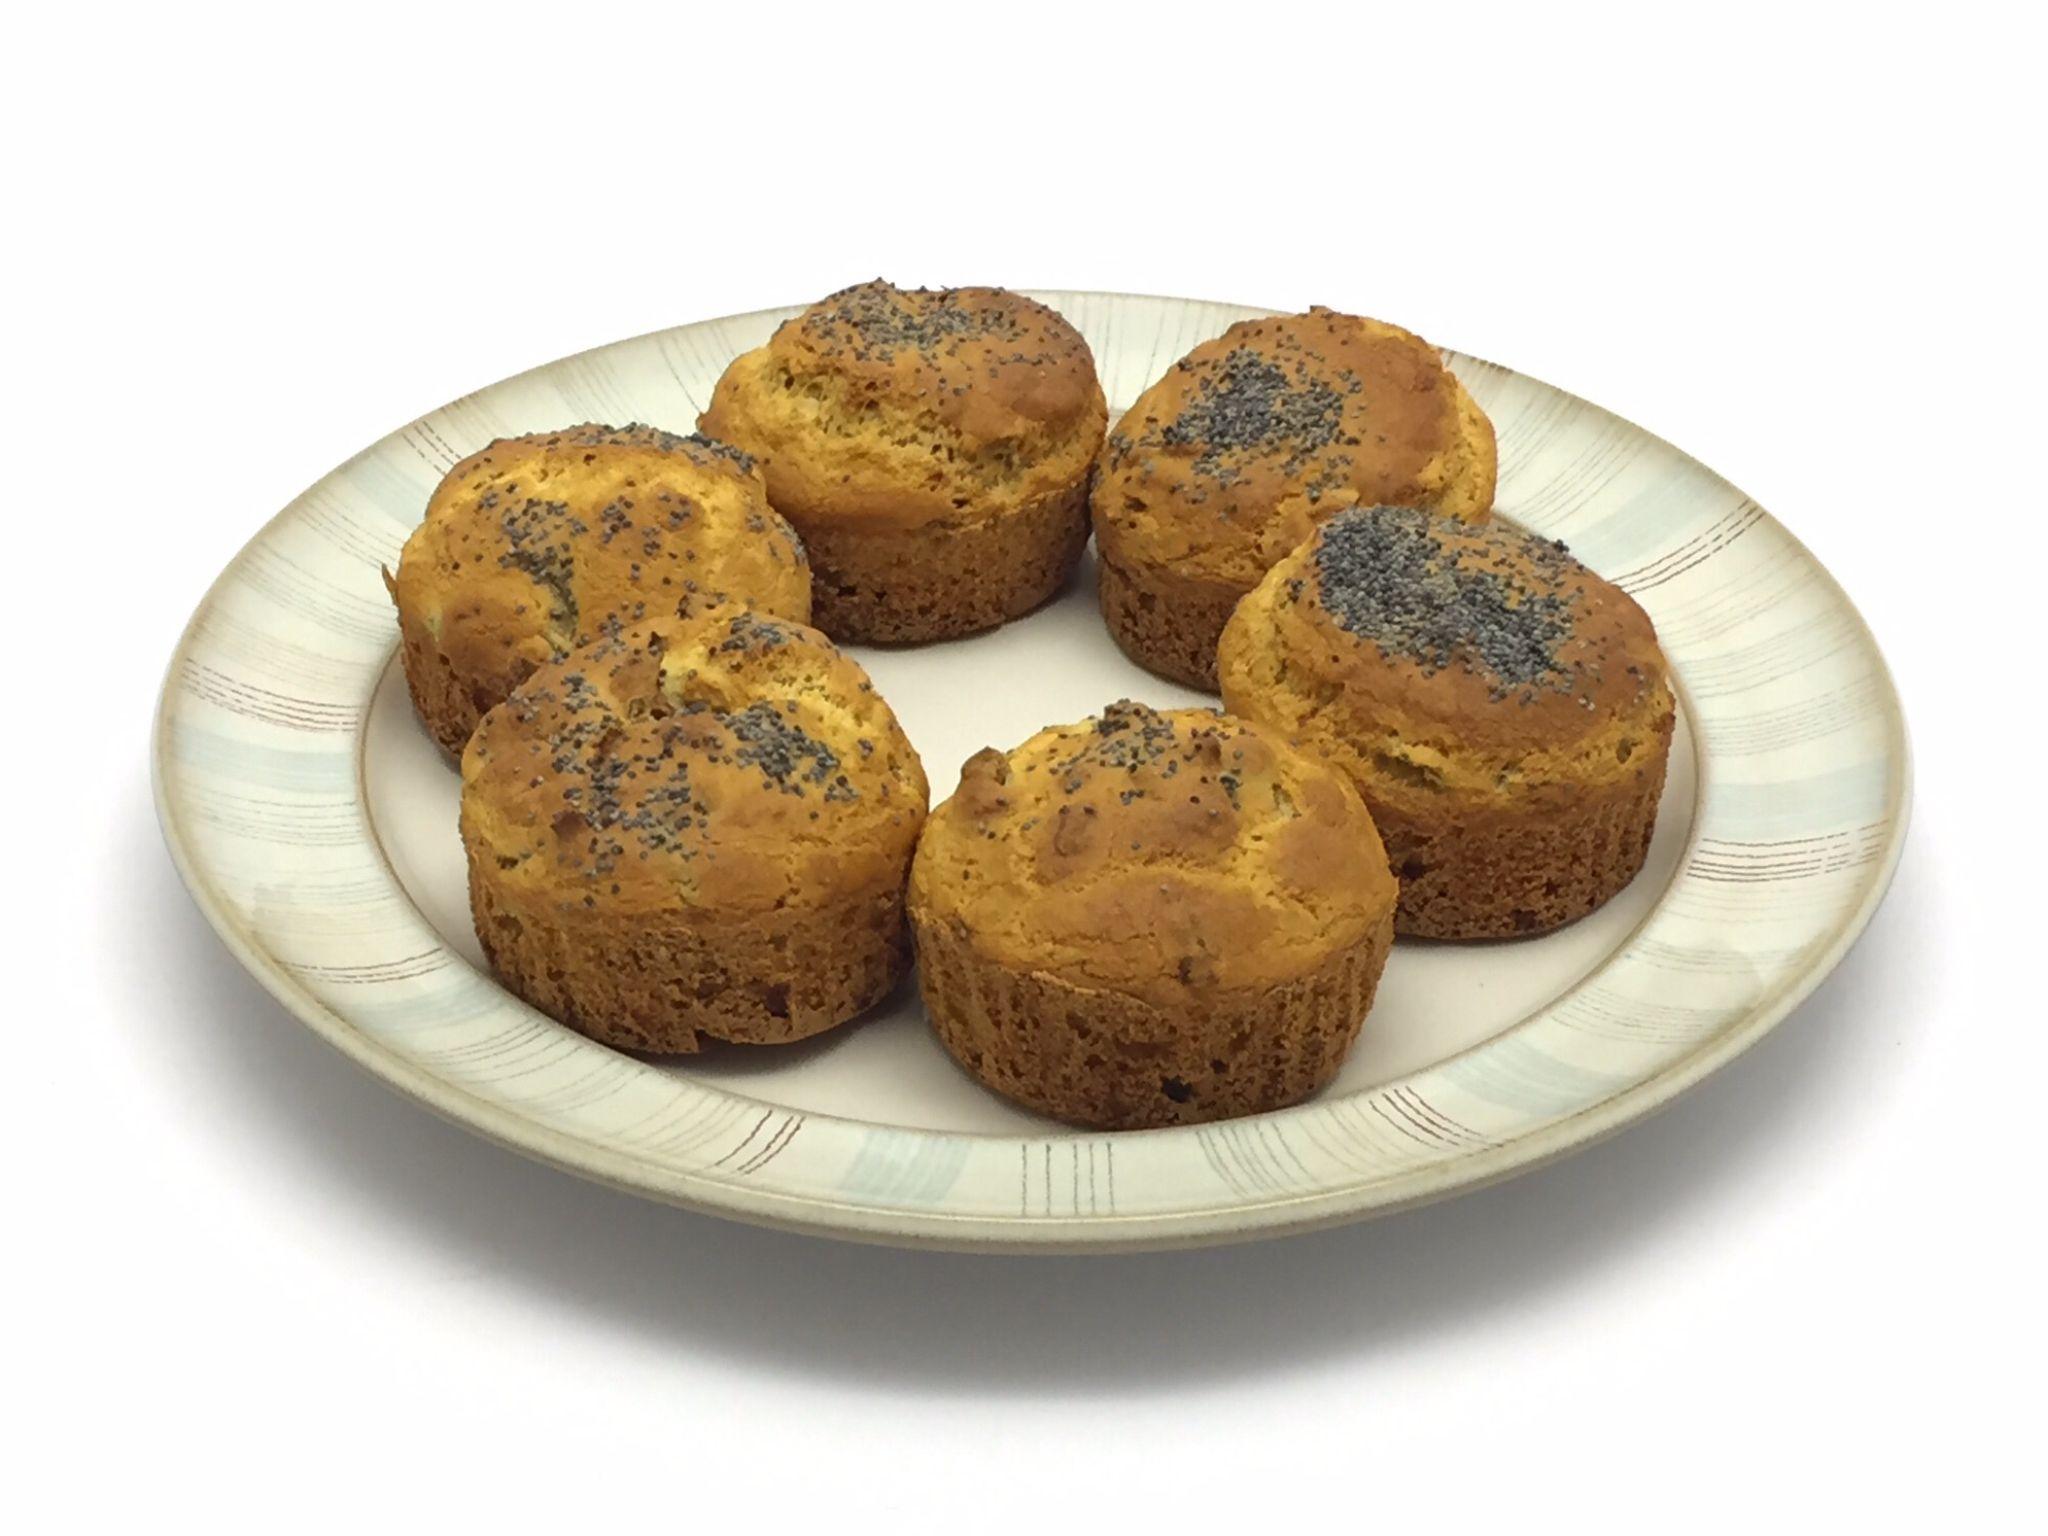 Muffin sfiziosissimi senza glutine:  http://stellasenzaglutine.com/2015/06/15/muffin-senza-glutine-con-pomodori-secchi-e-olive/